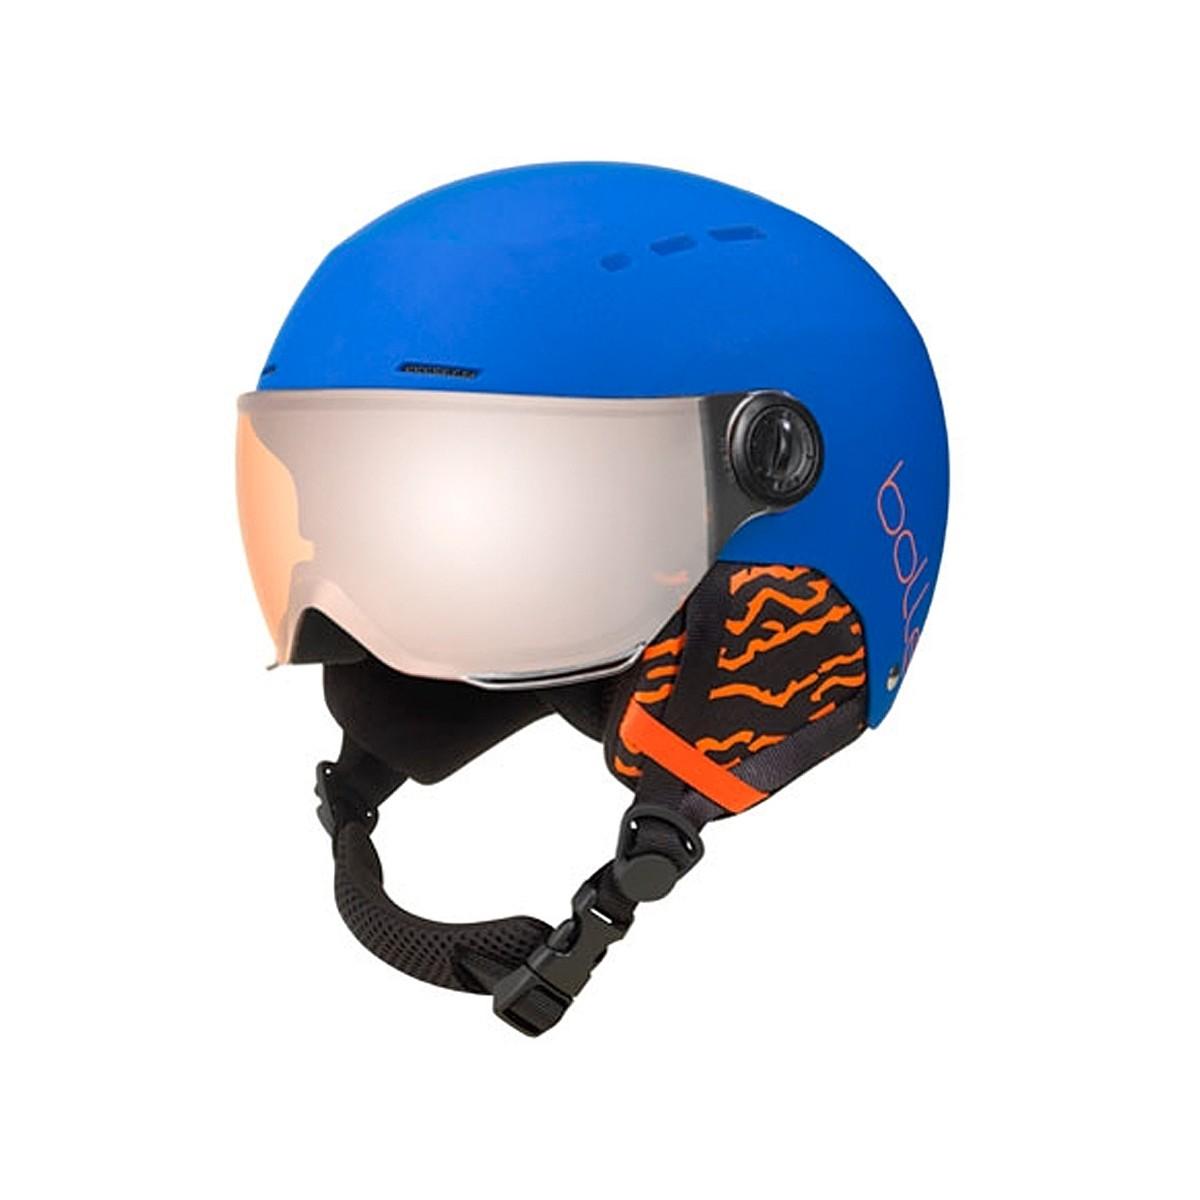 Casco Sci Bollè Quiz visor (Colore: blu-bianco-arancio, Taglia: 49/52)